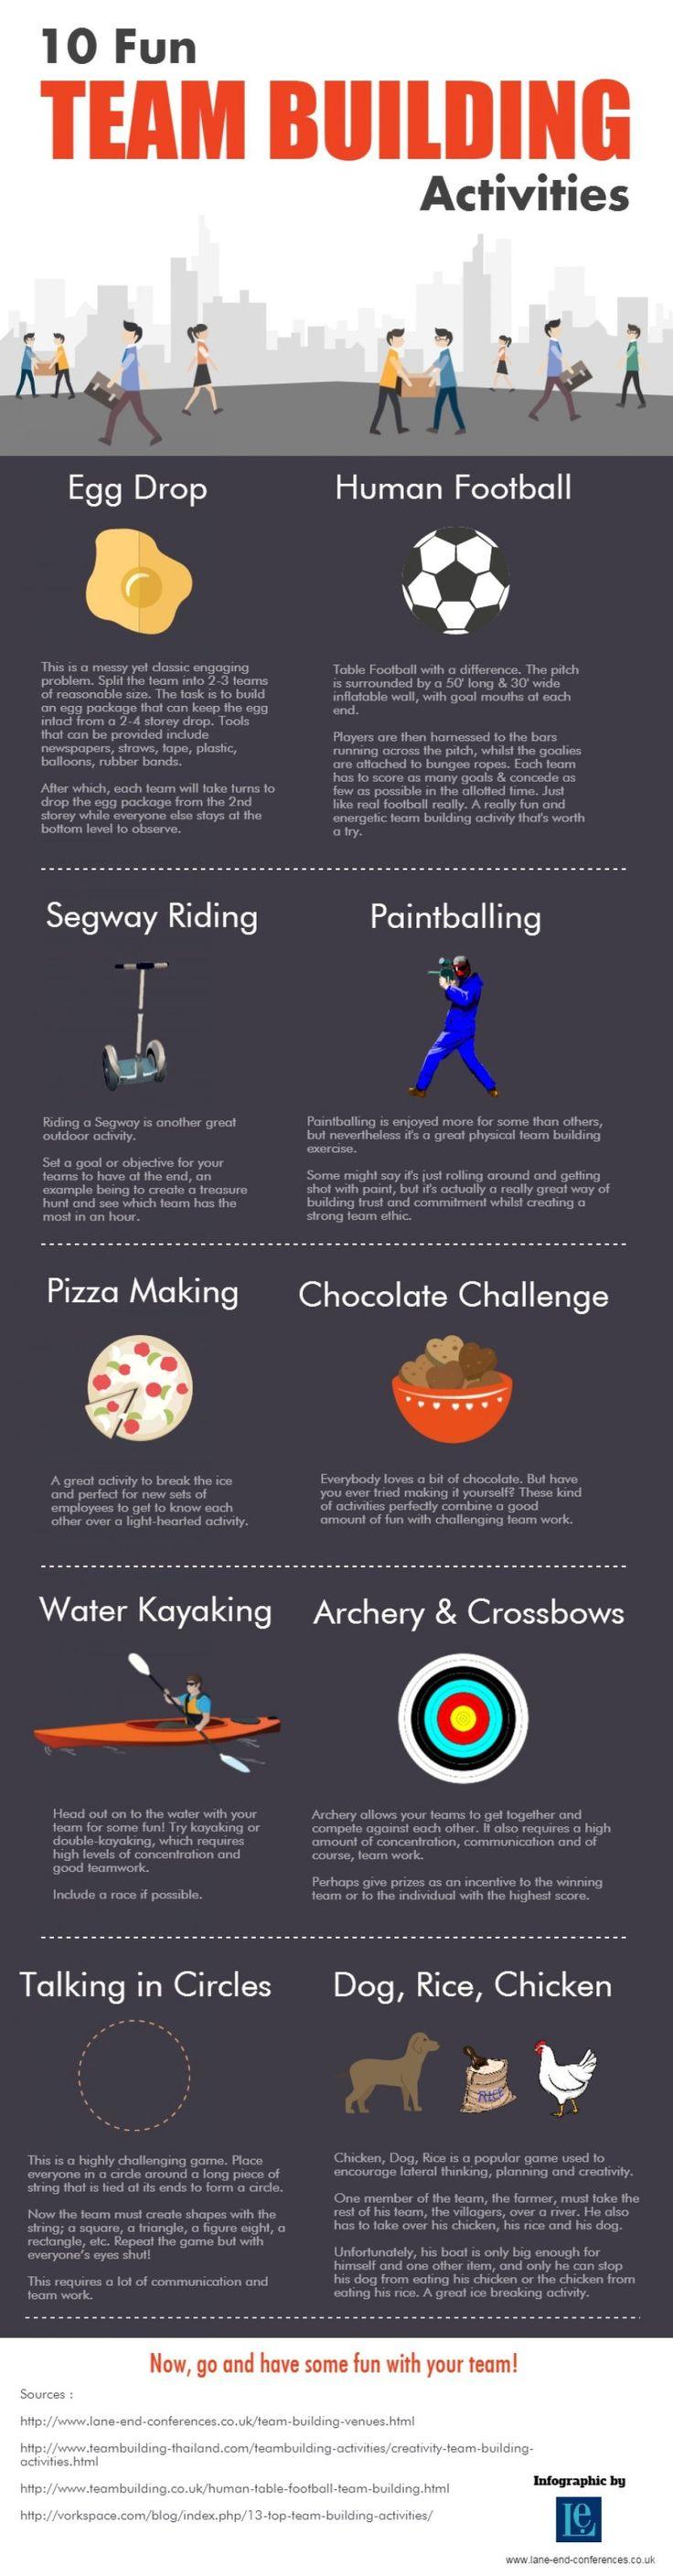 10 Fun Team building activities